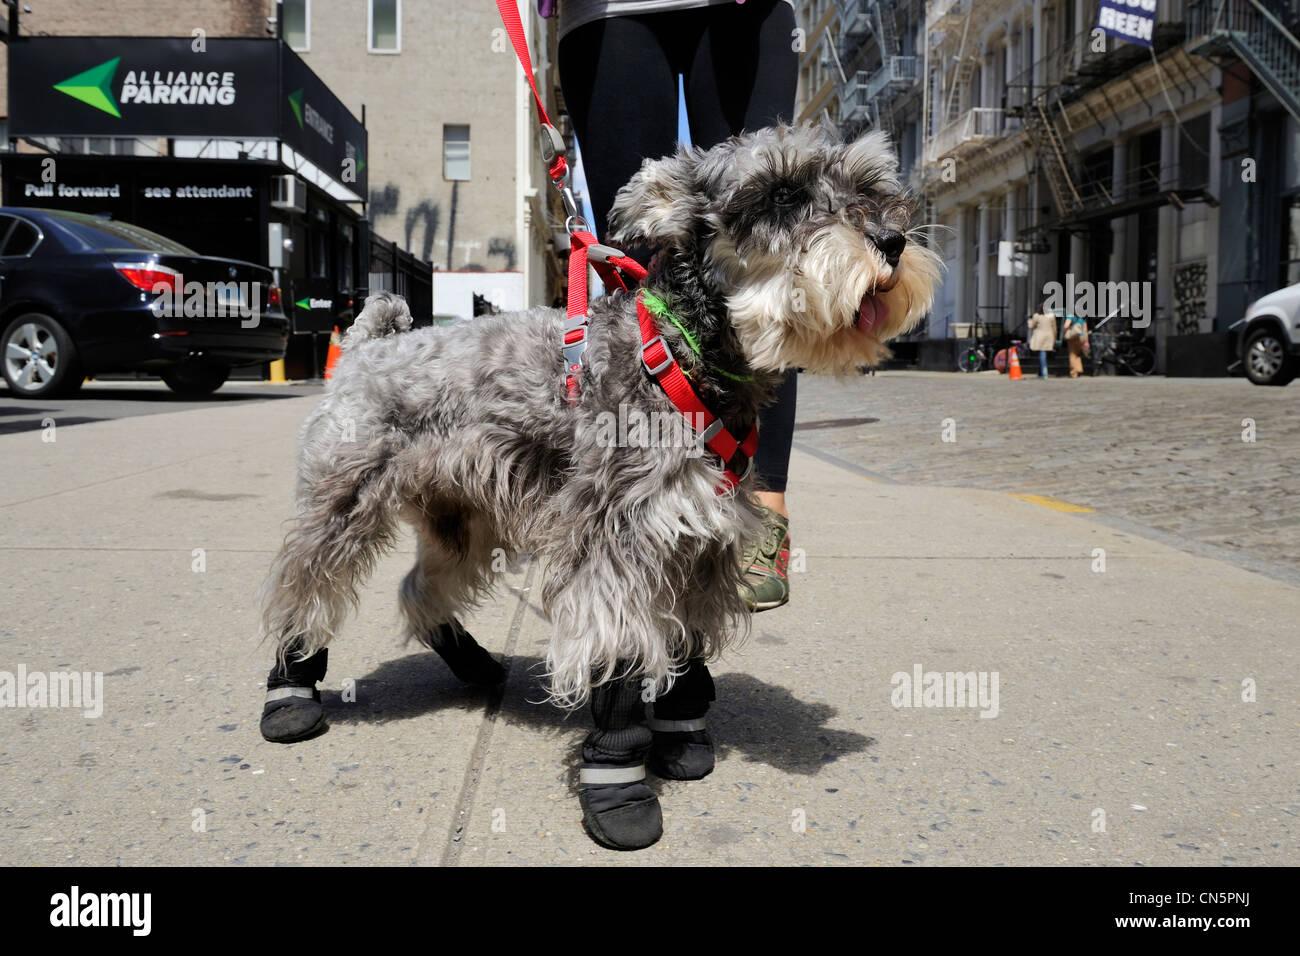 united states new york city manhattan soho new yorker fashion